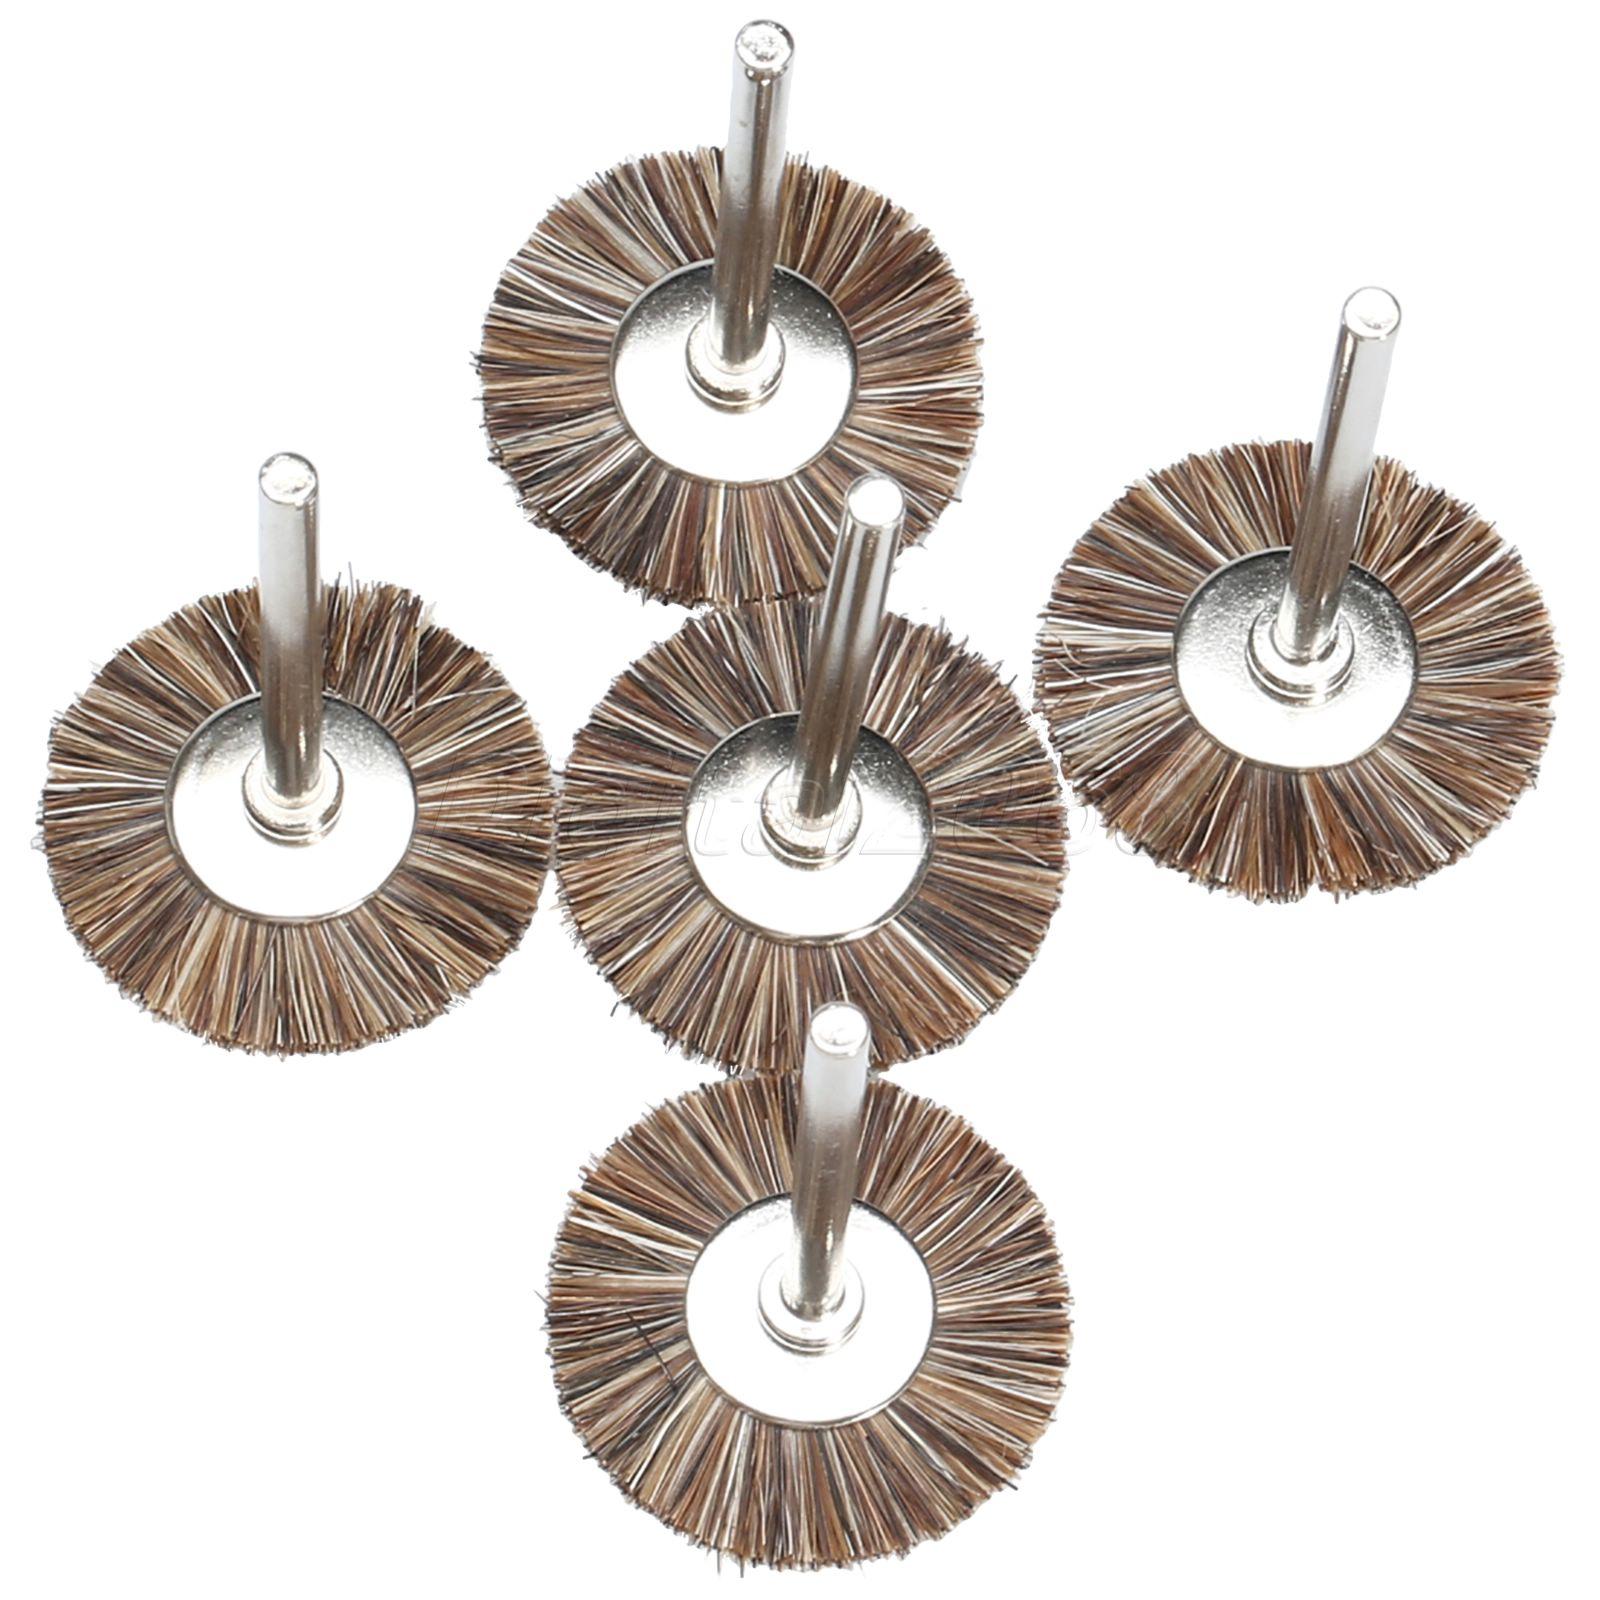 2,3 mm tige 25 mm-Roue m/étallique Bross/à polir rotative /à outils 11 pi/èces